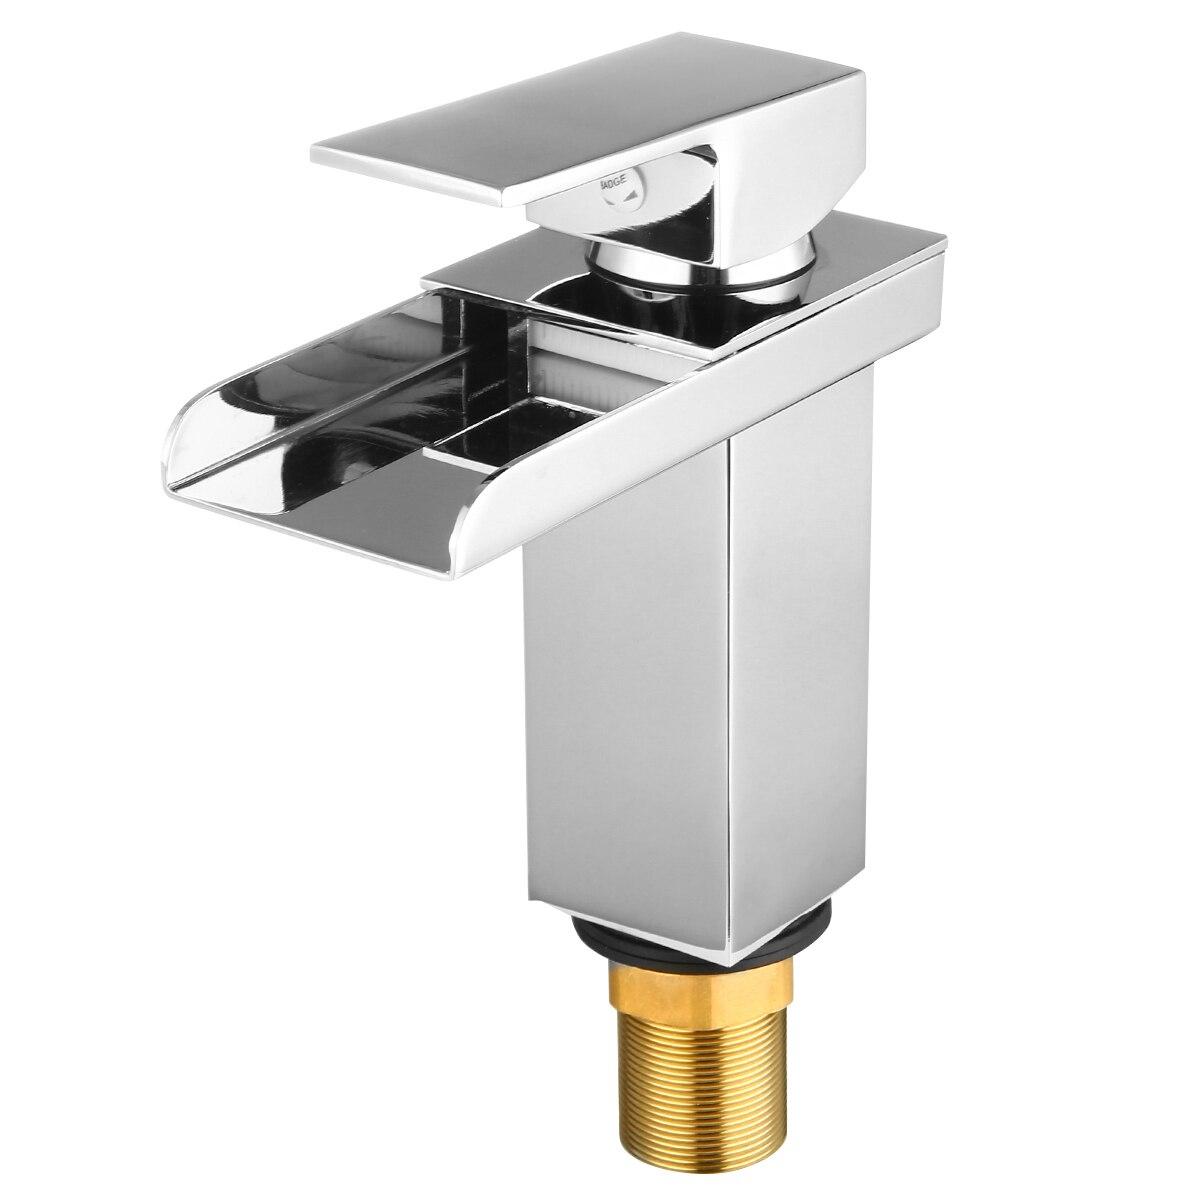 Mayitr латунный хромированный Водопад смеситель для кухни и ванной комнаты с одной ручкой на одно отверстие раковина для ванной комнаты